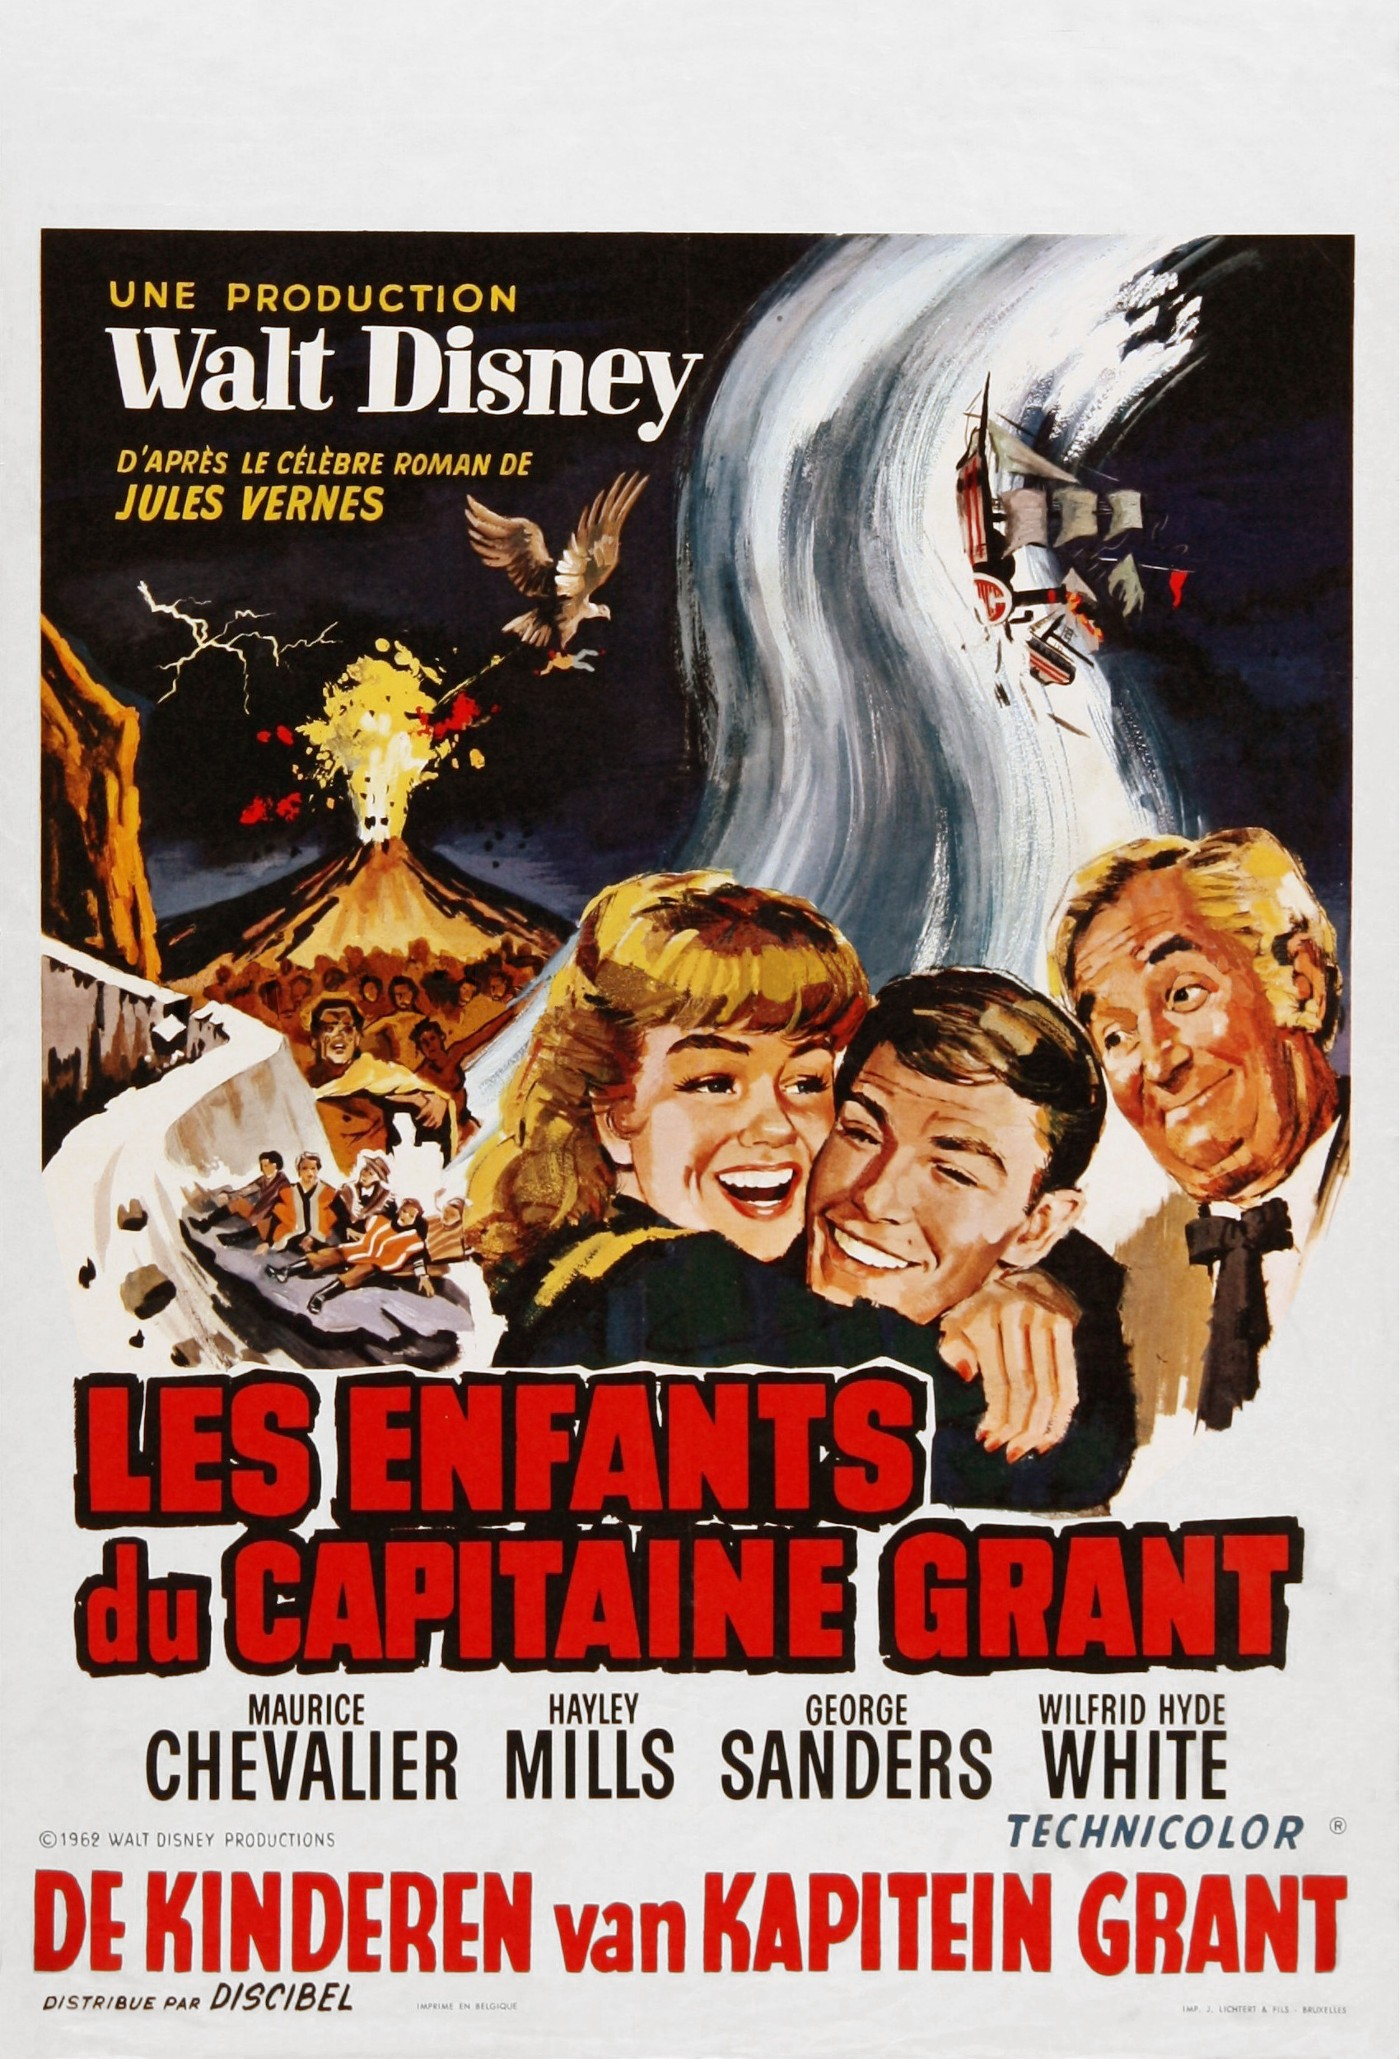 walt disney company walt disney pictures affiches enfants capitaine grant poster search castaways